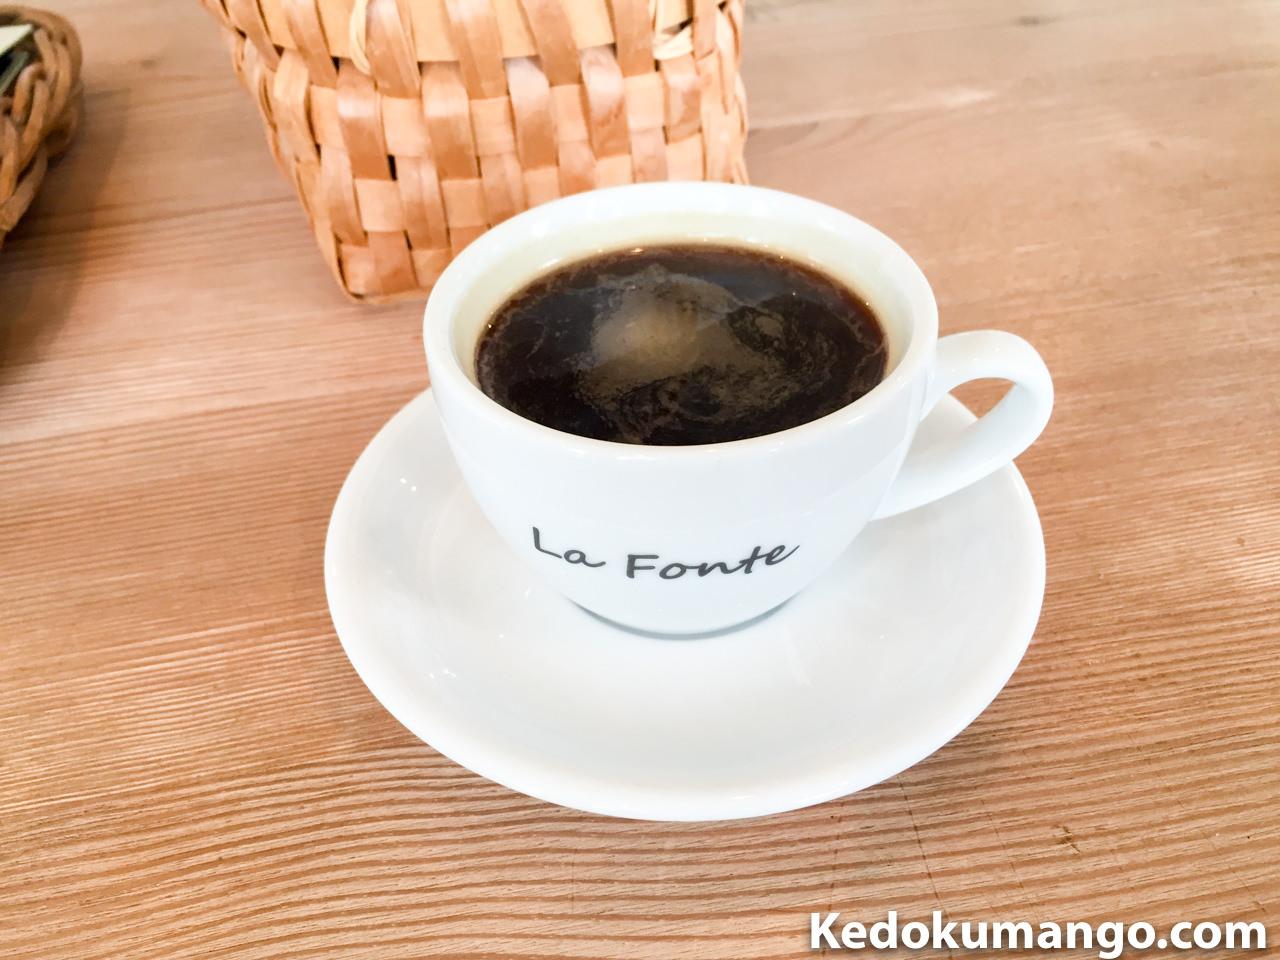 「Lafonte(ラフォンテ)」のコーヒー